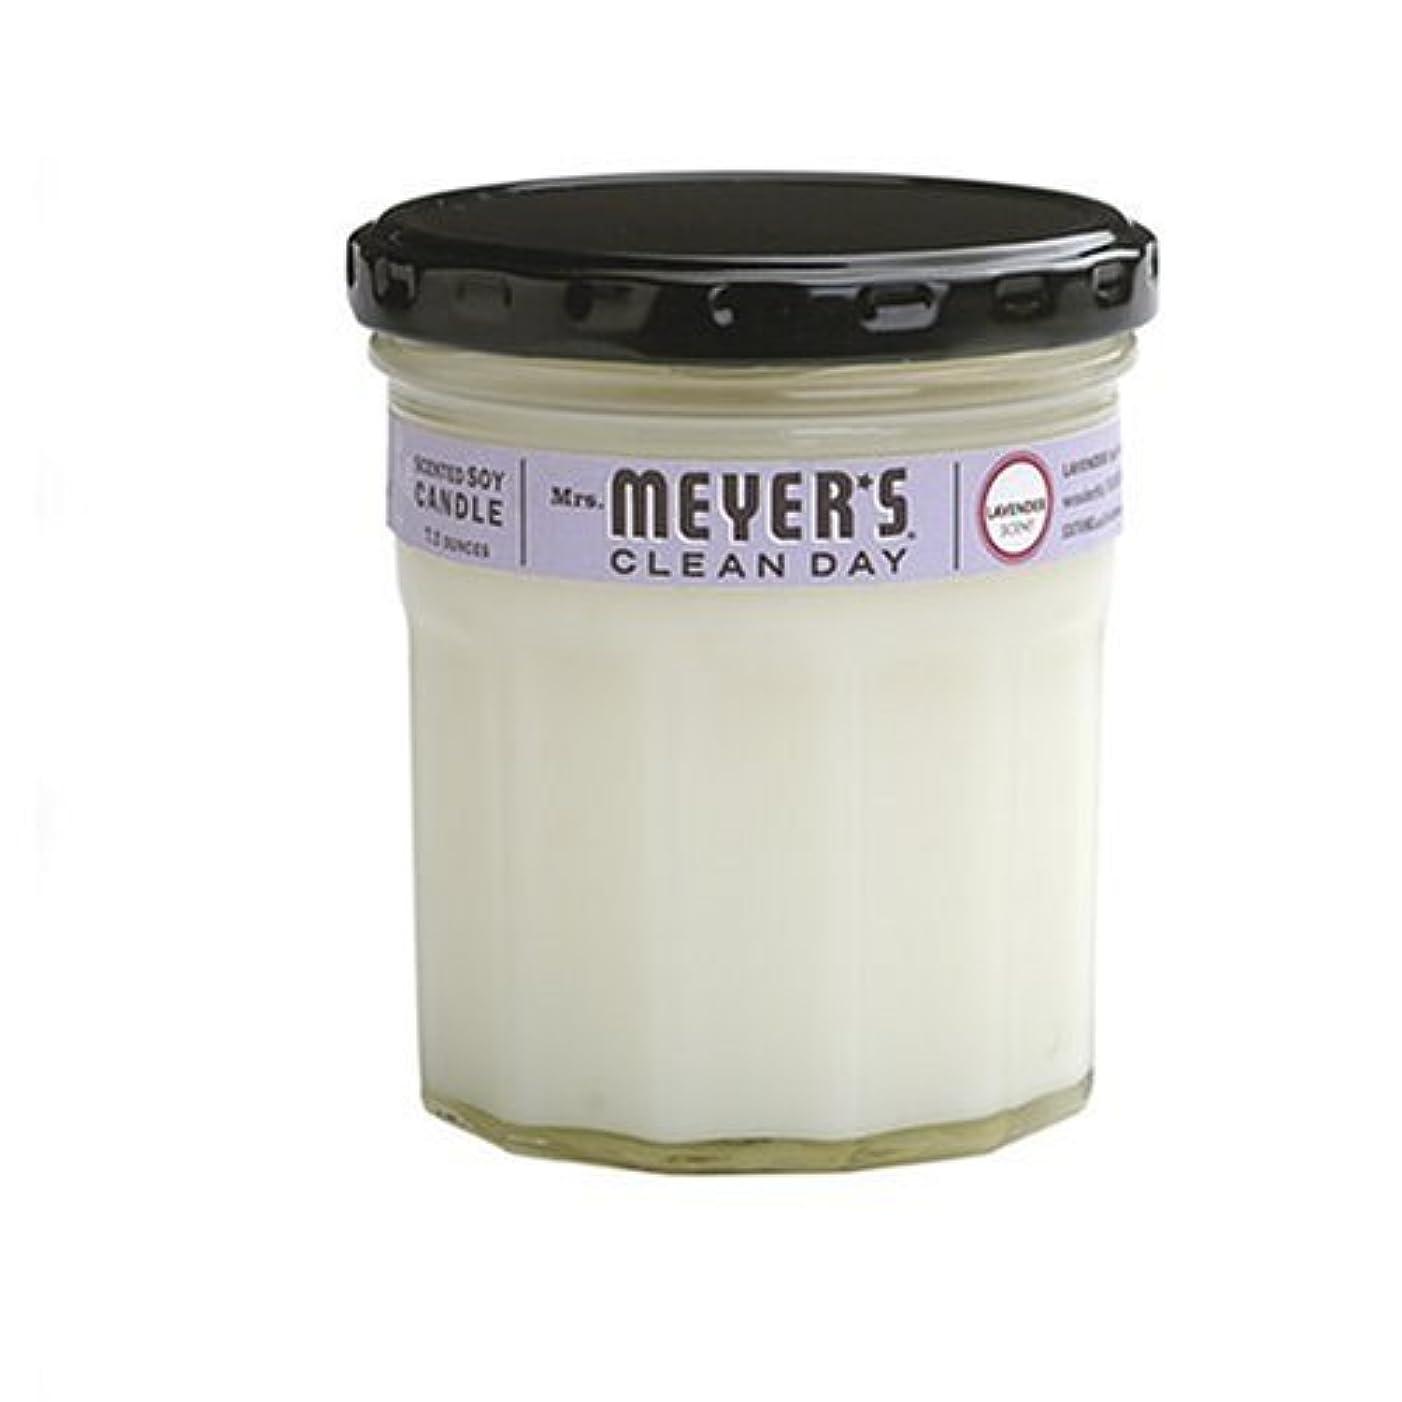 閉じ込める会計士飾り羽Mrs. Meyer's Clean Day Soy Candle, Lavender, 7.2 Ounce Glass Jar [並行輸入品]